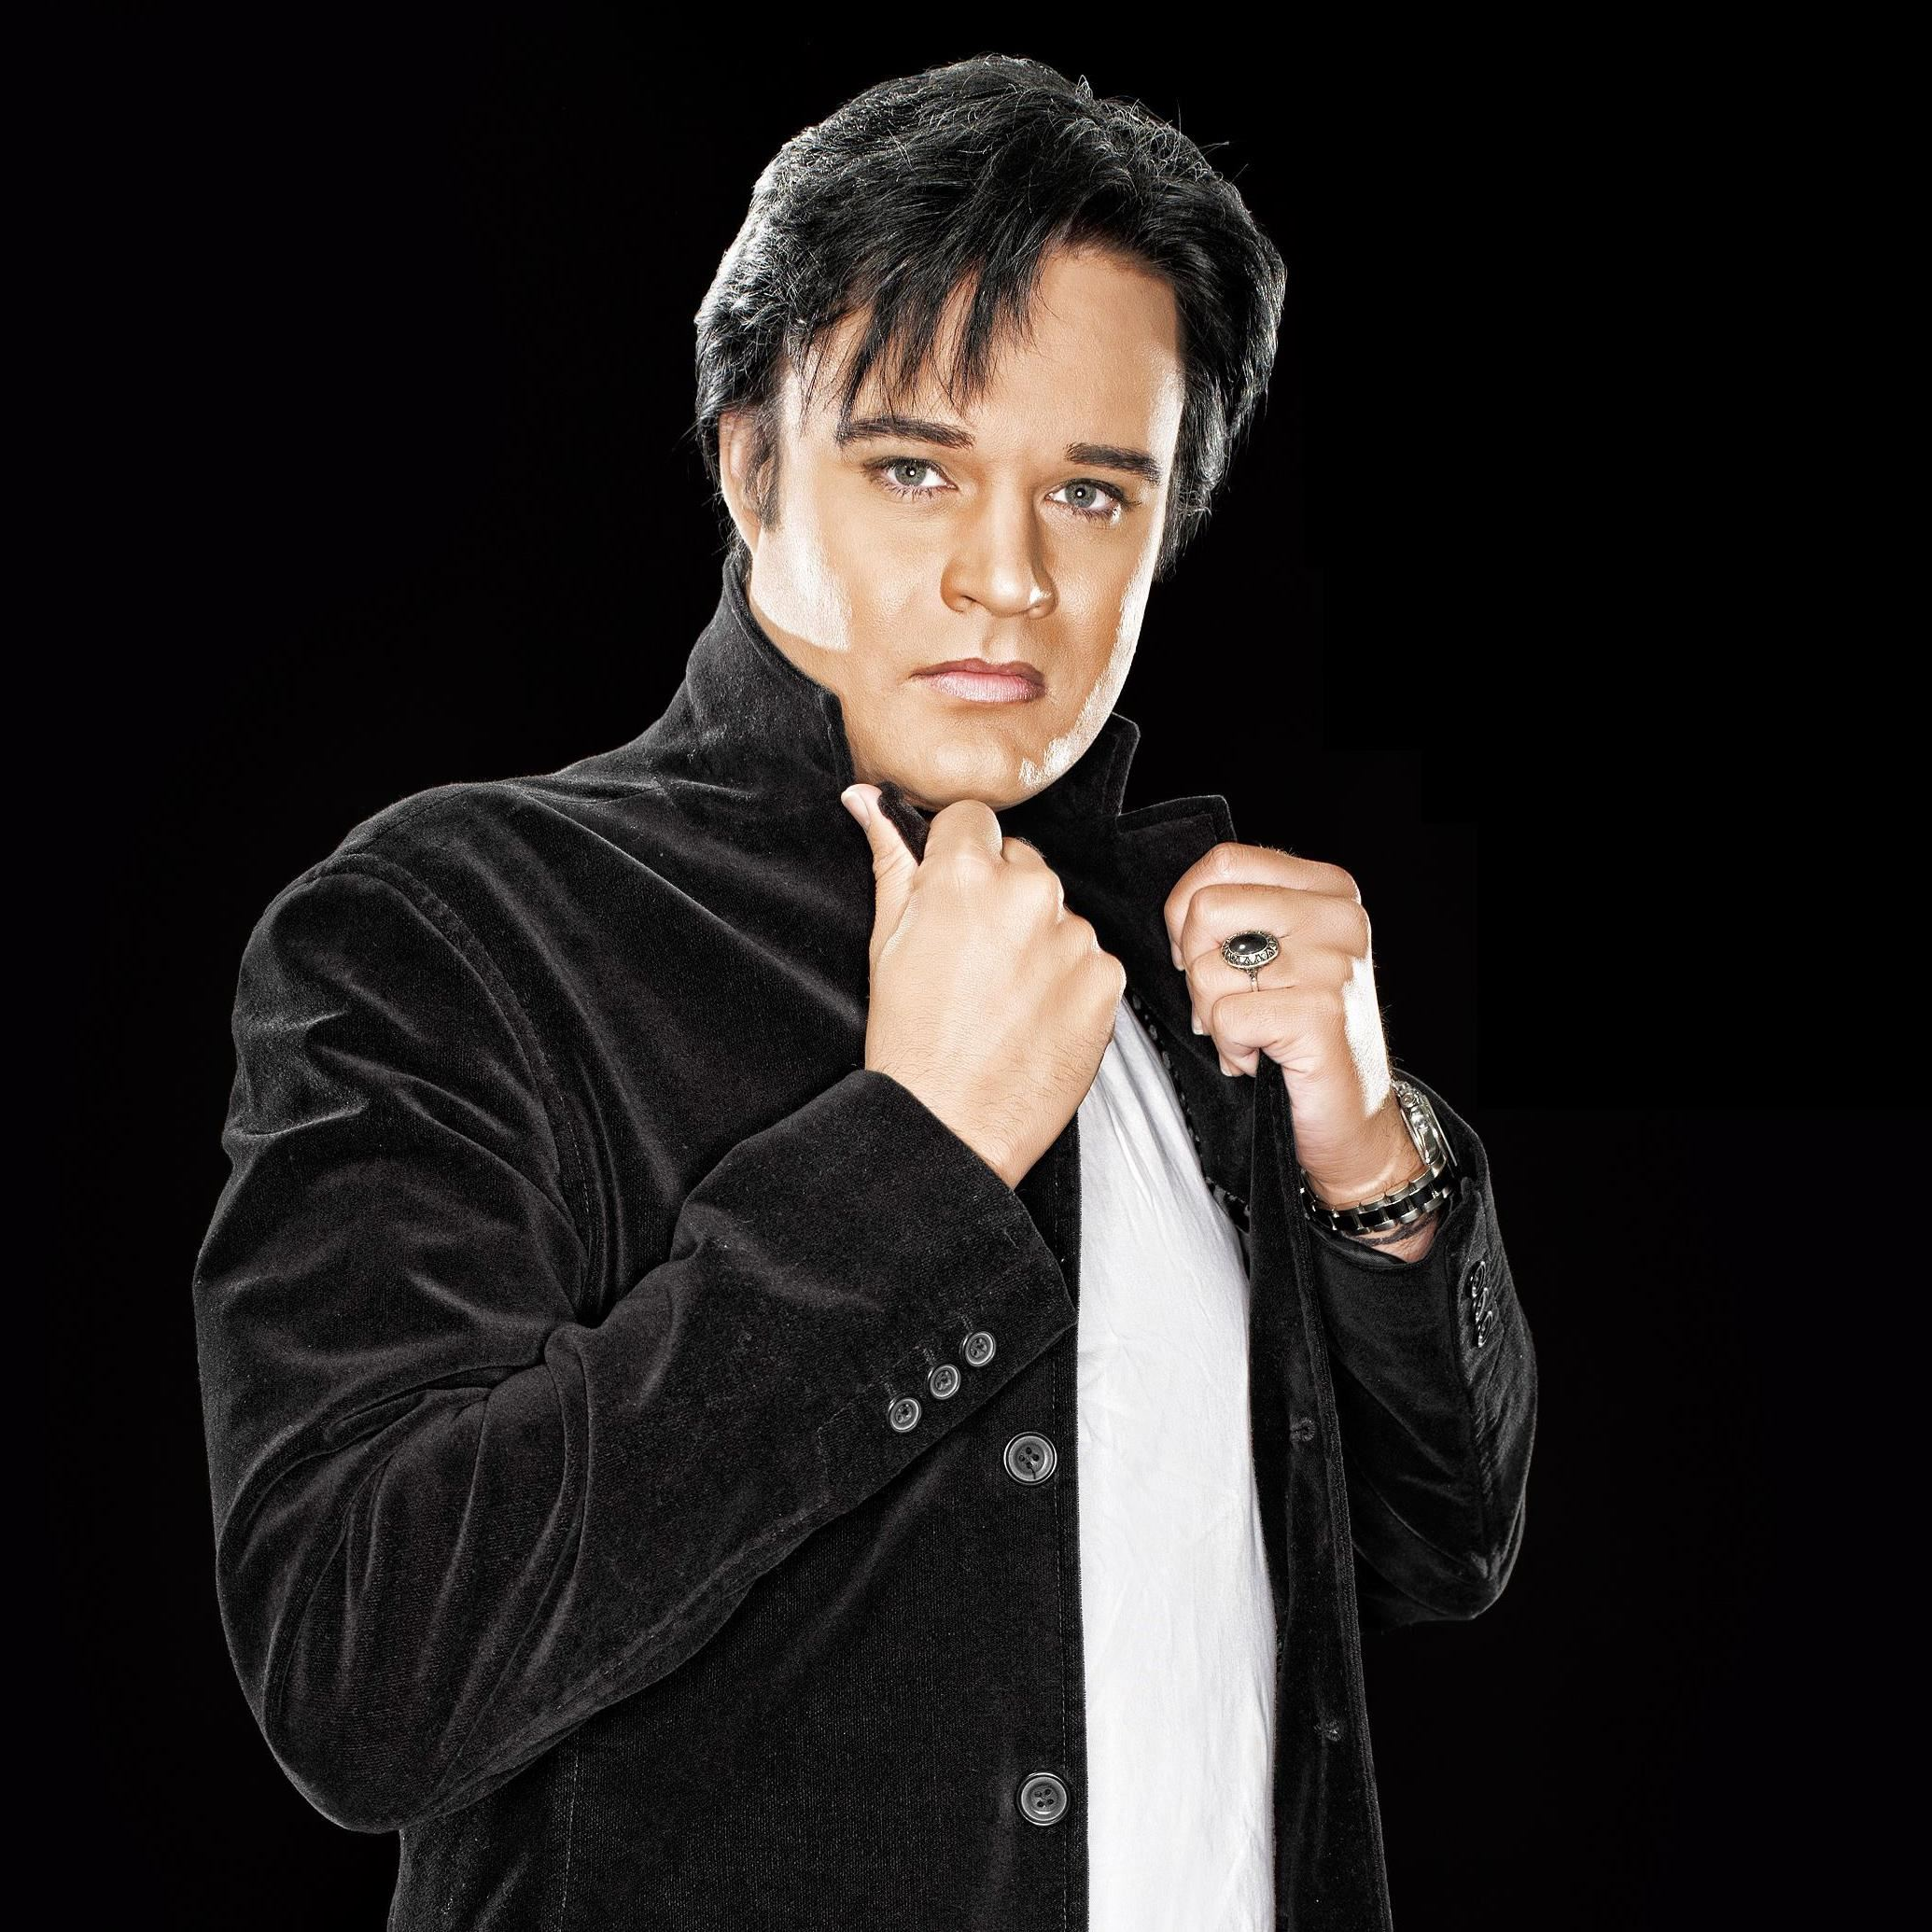 Elviskonsert med Henrik Åberg